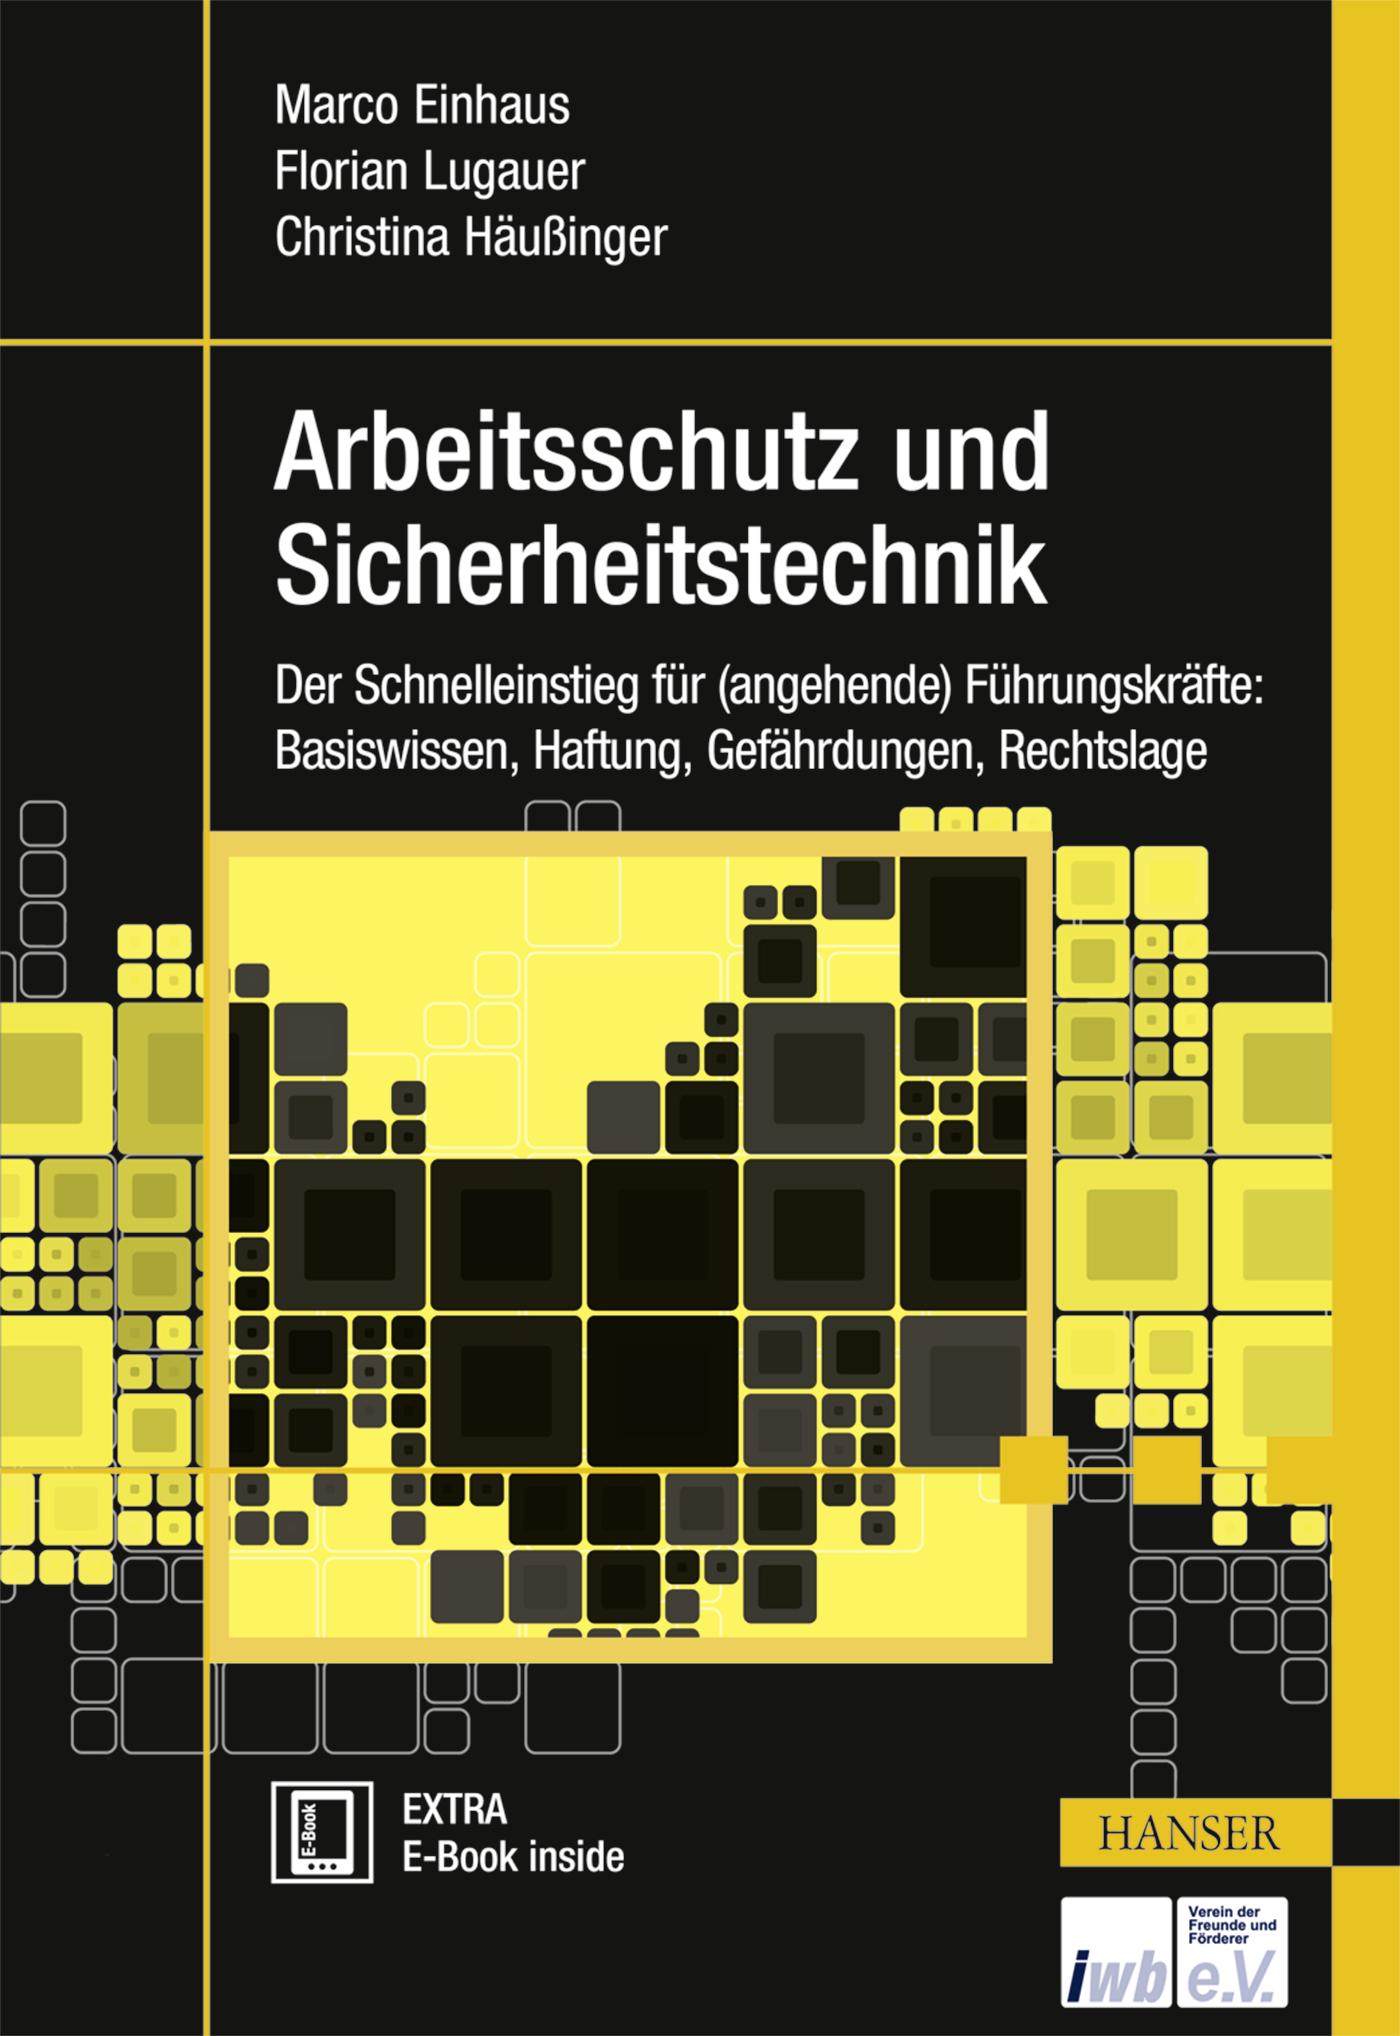 Einhaus, Lugauer, Häußinger, Arbeitsschutz und Sicherheitstechnik, 978-3-446-45474-3